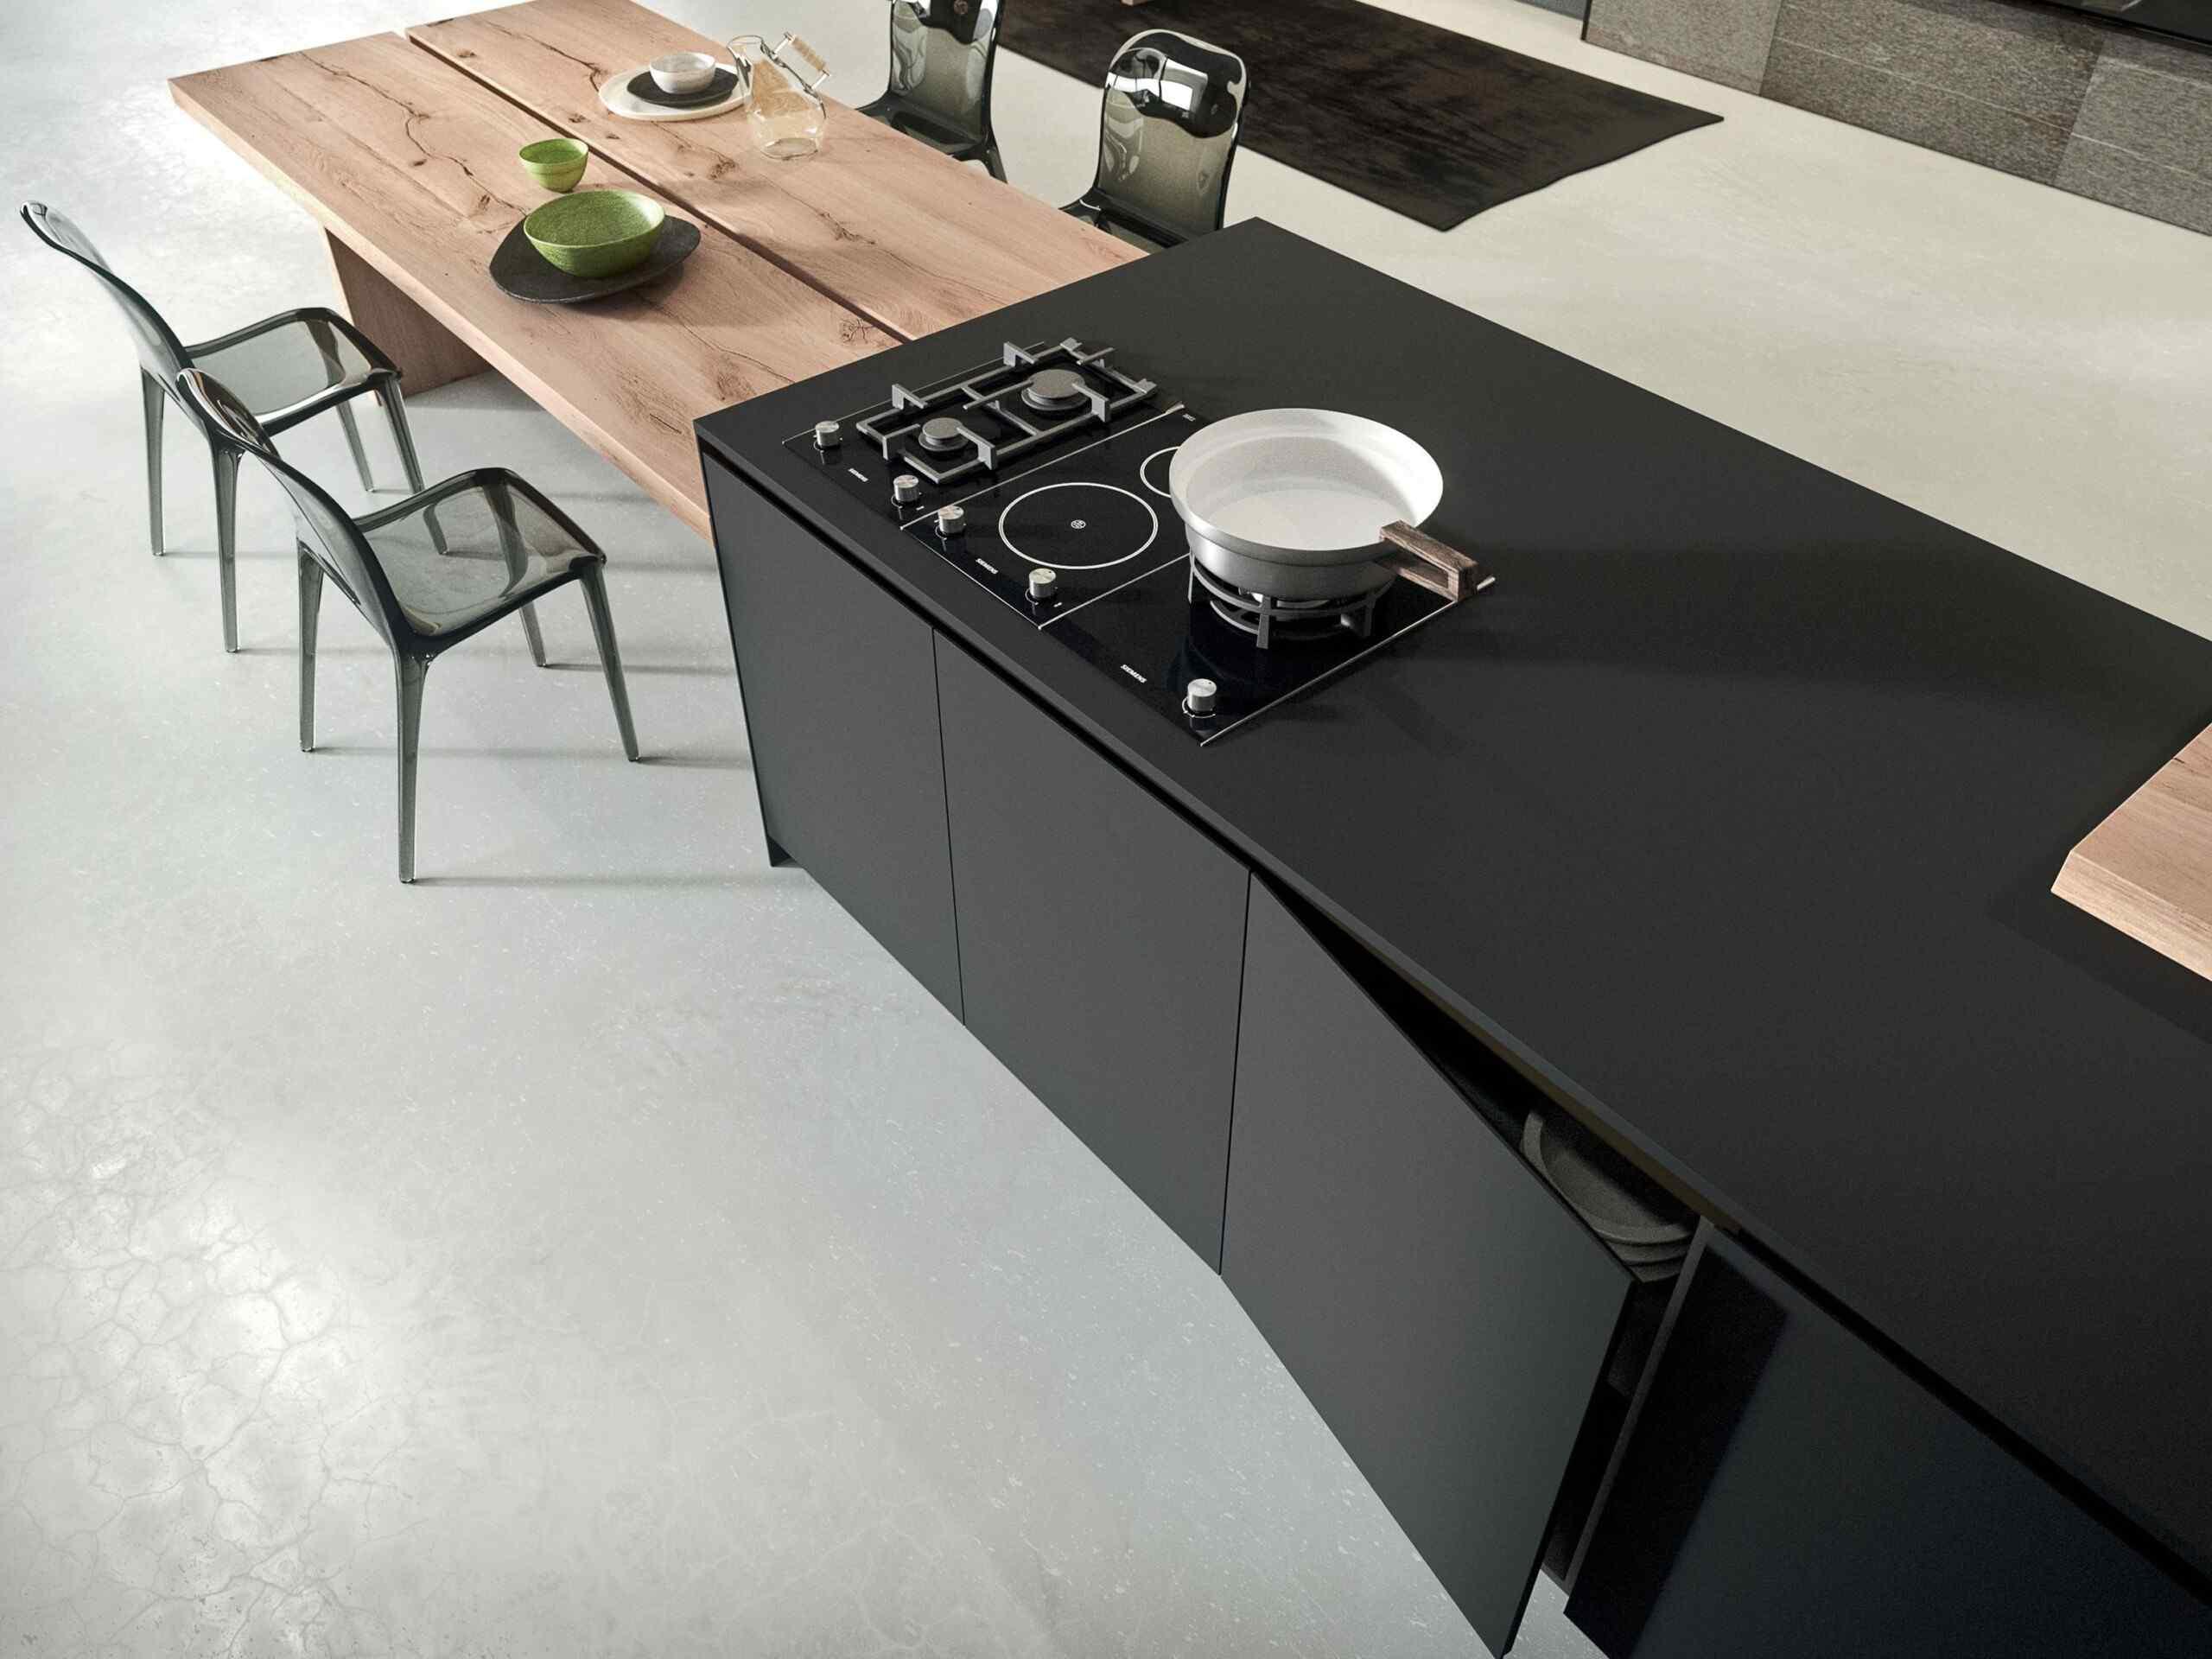 Laminátová podlaha v černé kuchyni